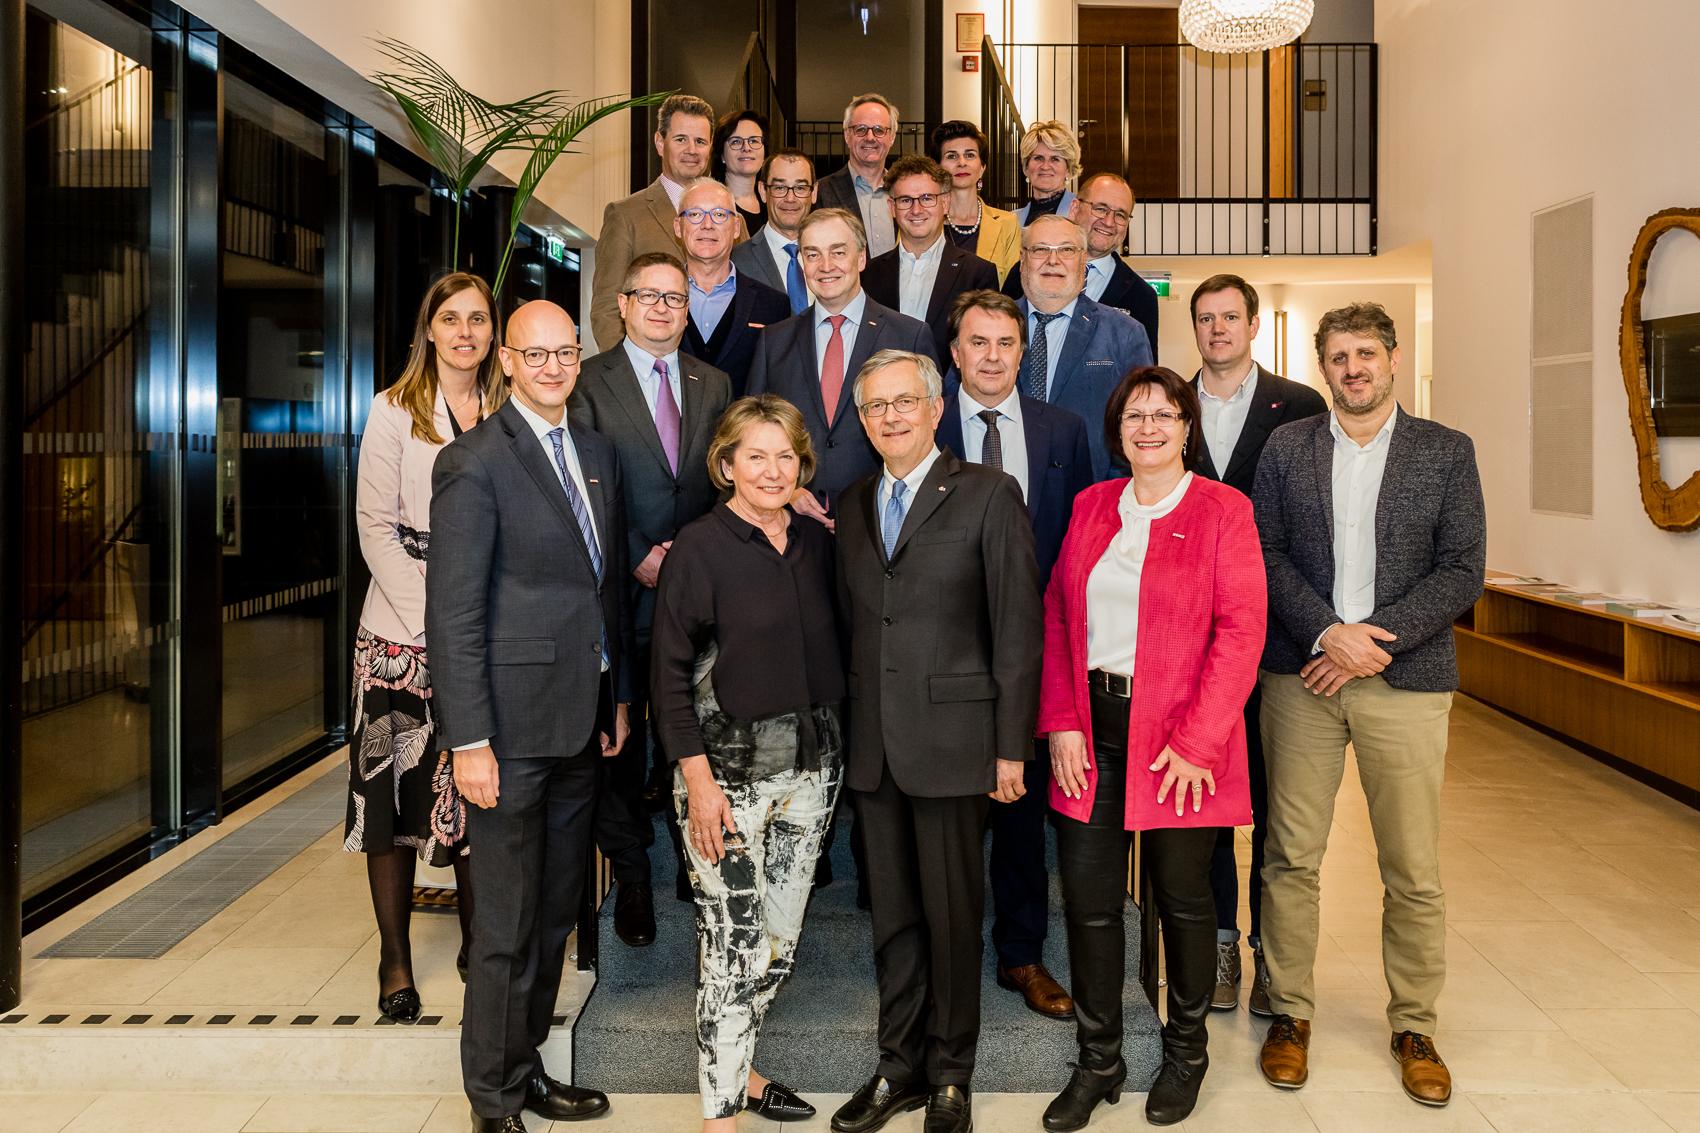 Foto di gruppo (c) Wirtschaftskammer Niederösterreich